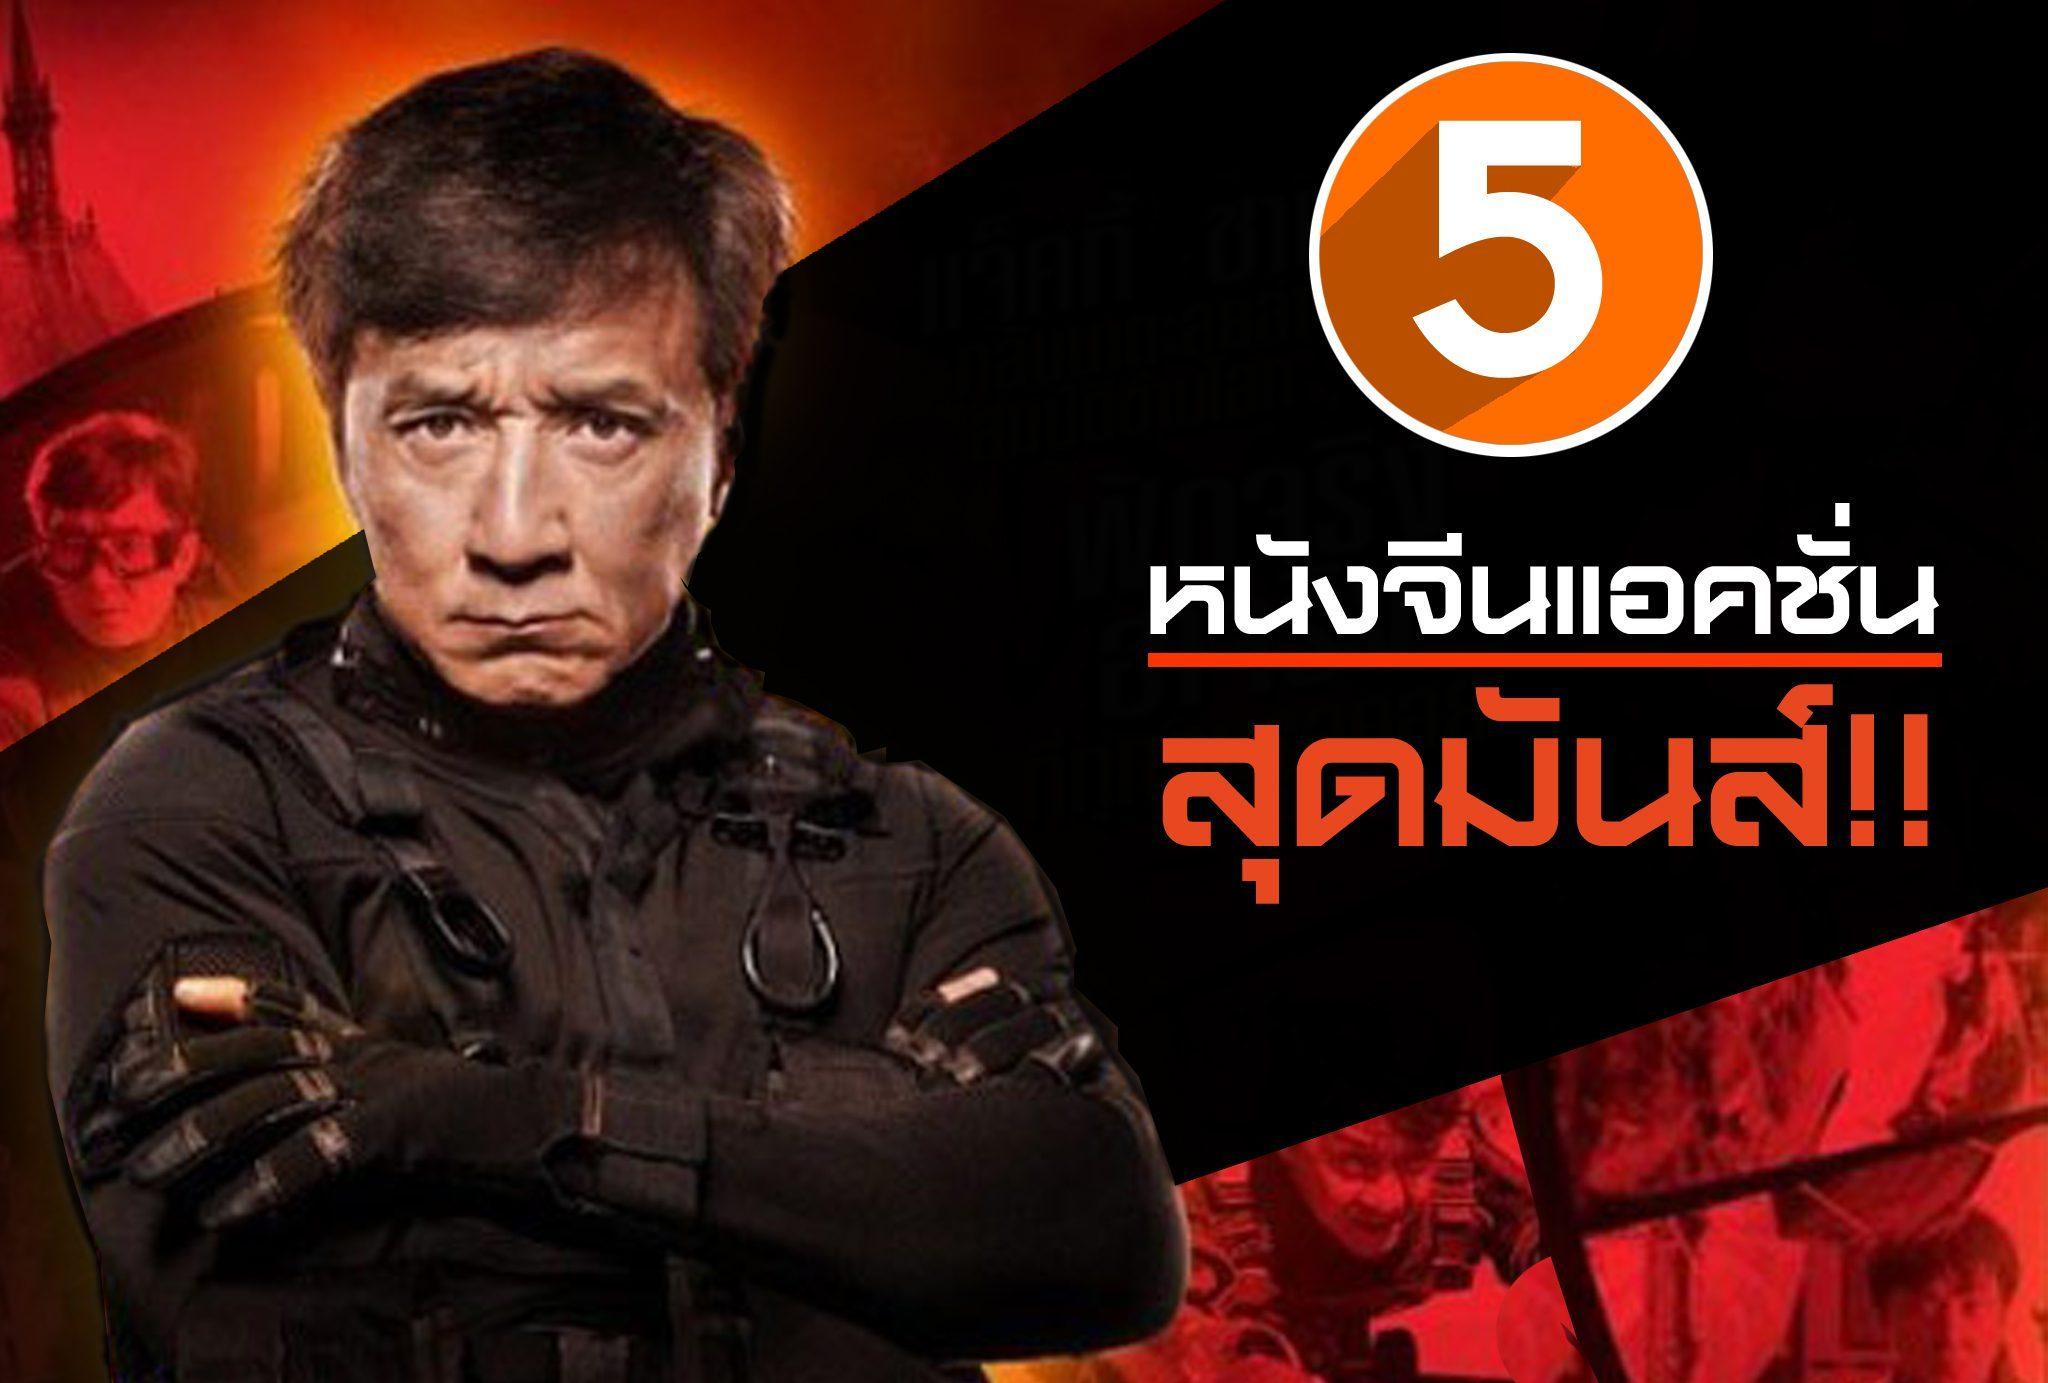 moviethai เลือกติดตามกับหนังออนไลน์ใหม่ ๆ หนังคุณภาพ